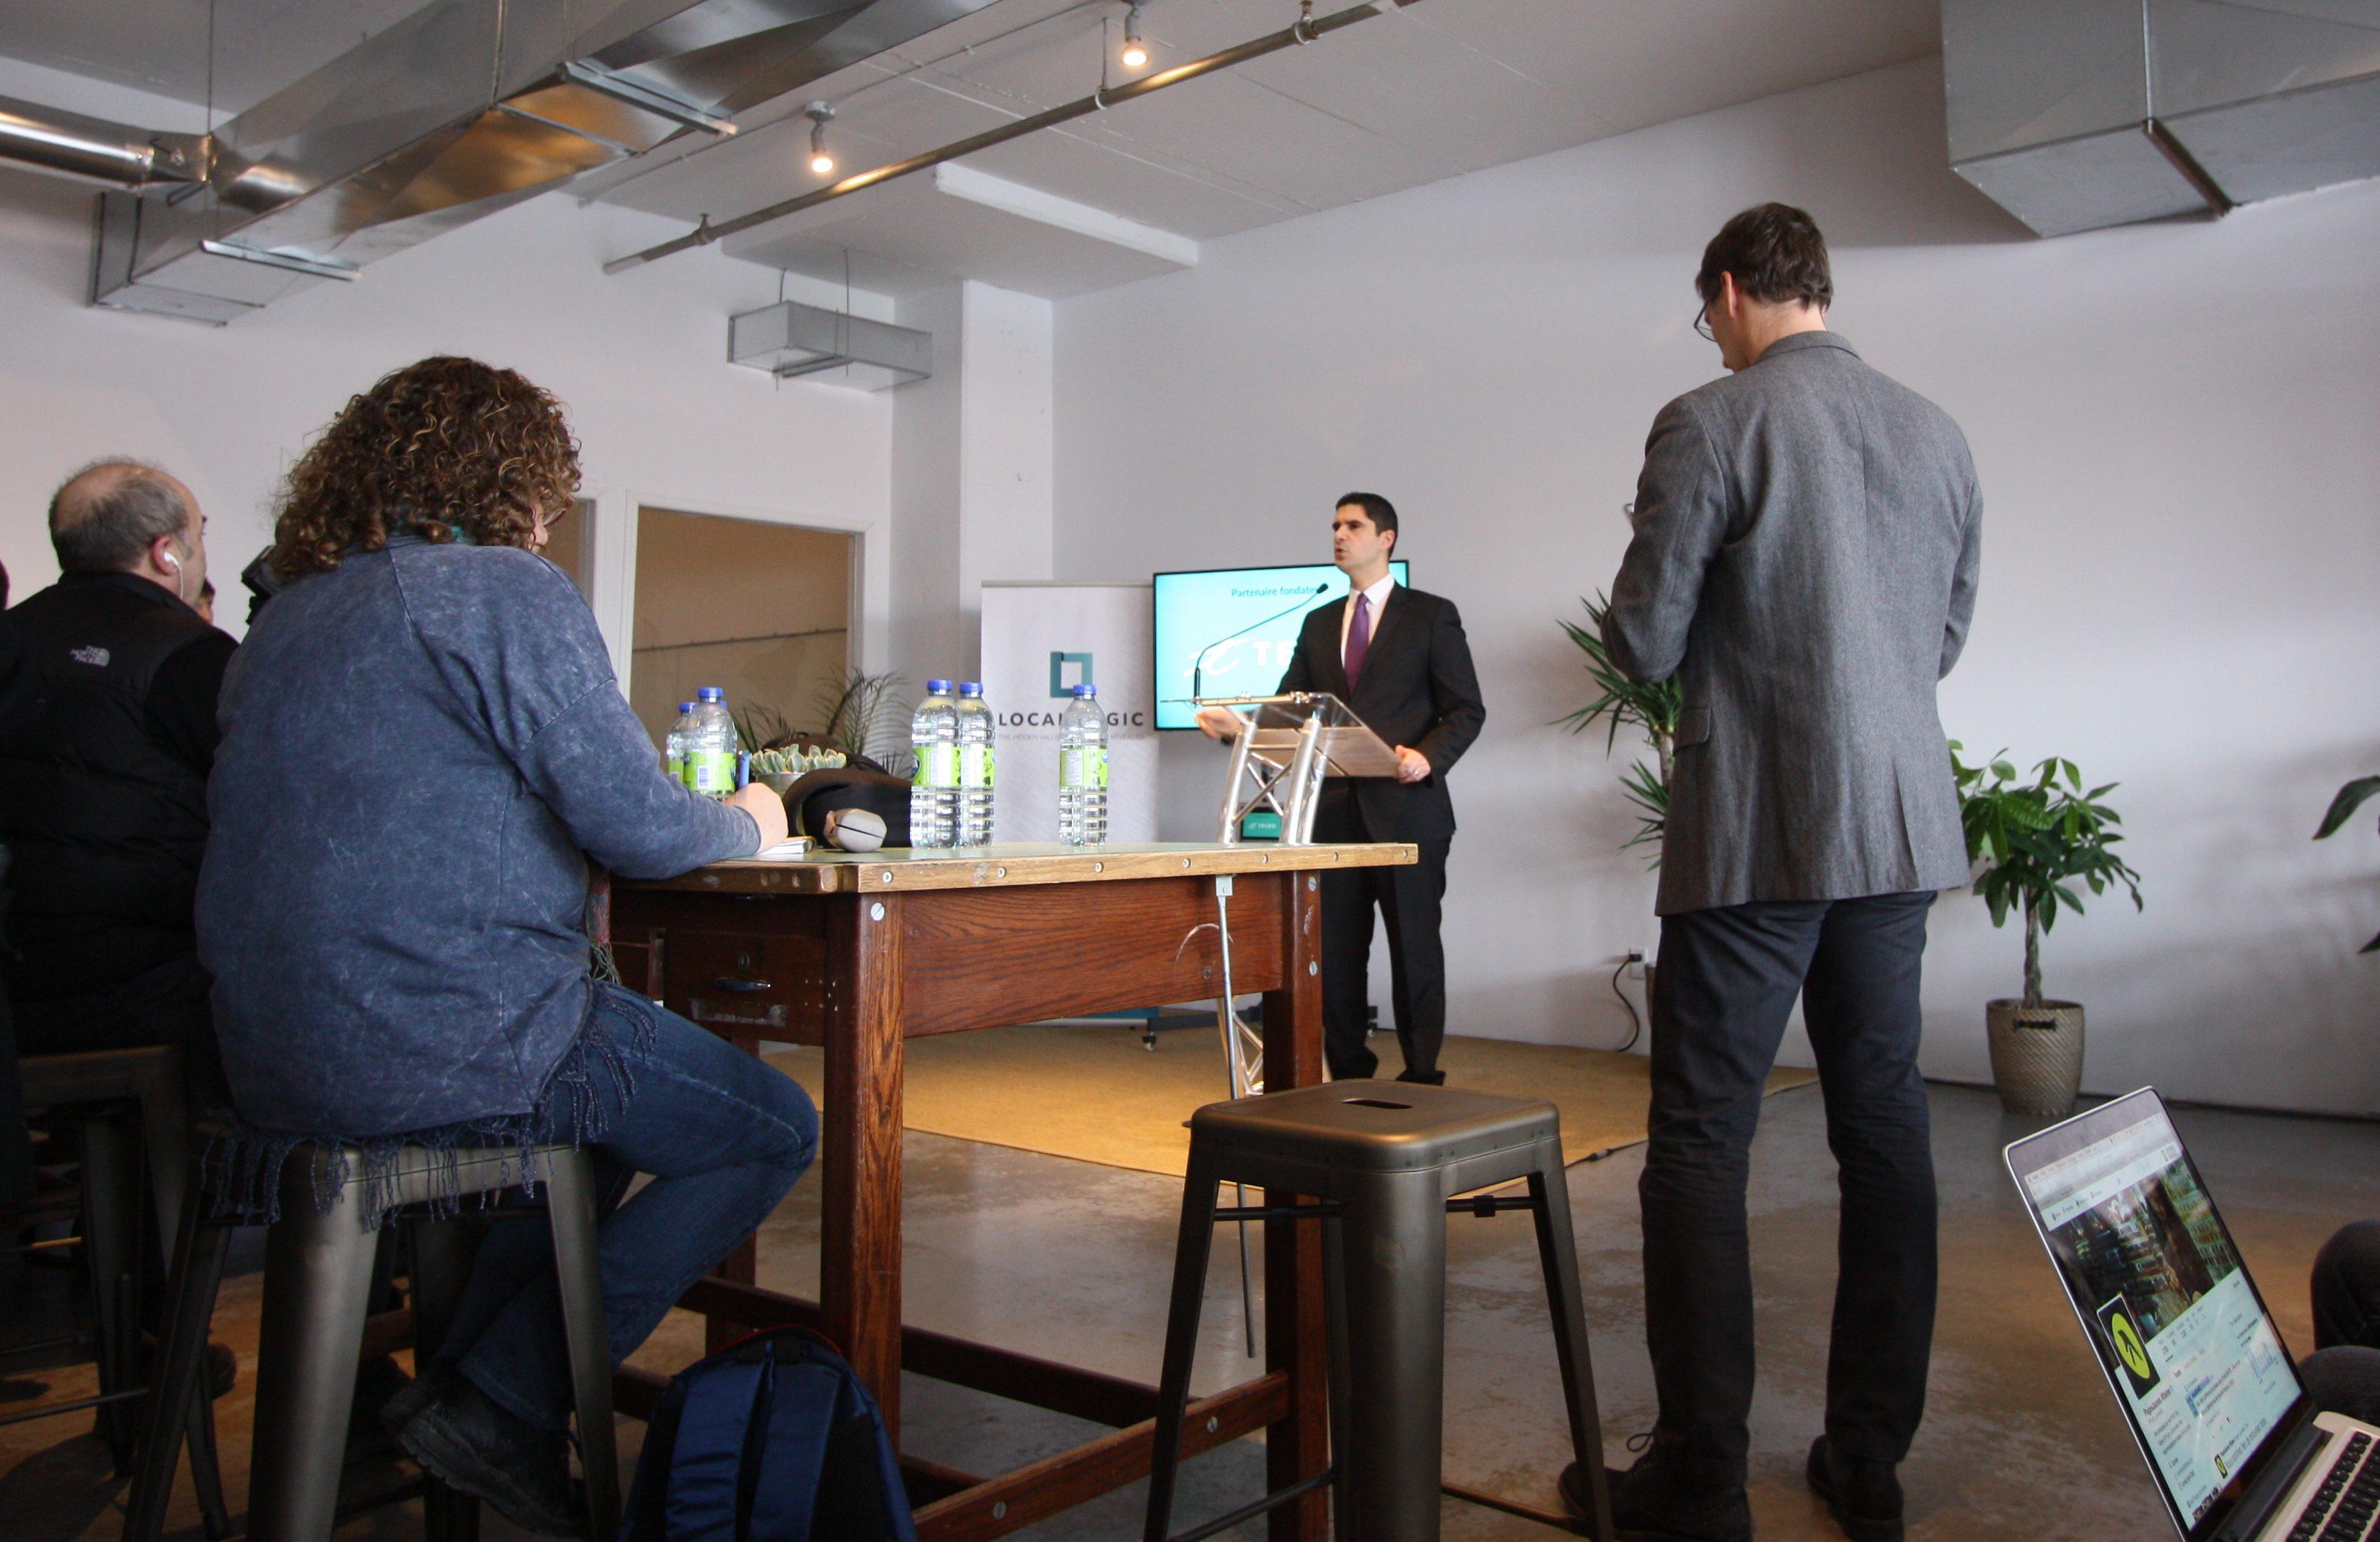 M. Harout Chitilian, Responsable de la Ville intelligente ainsi que des technologies de l'information pour la Ville de Montréal. Image: SC